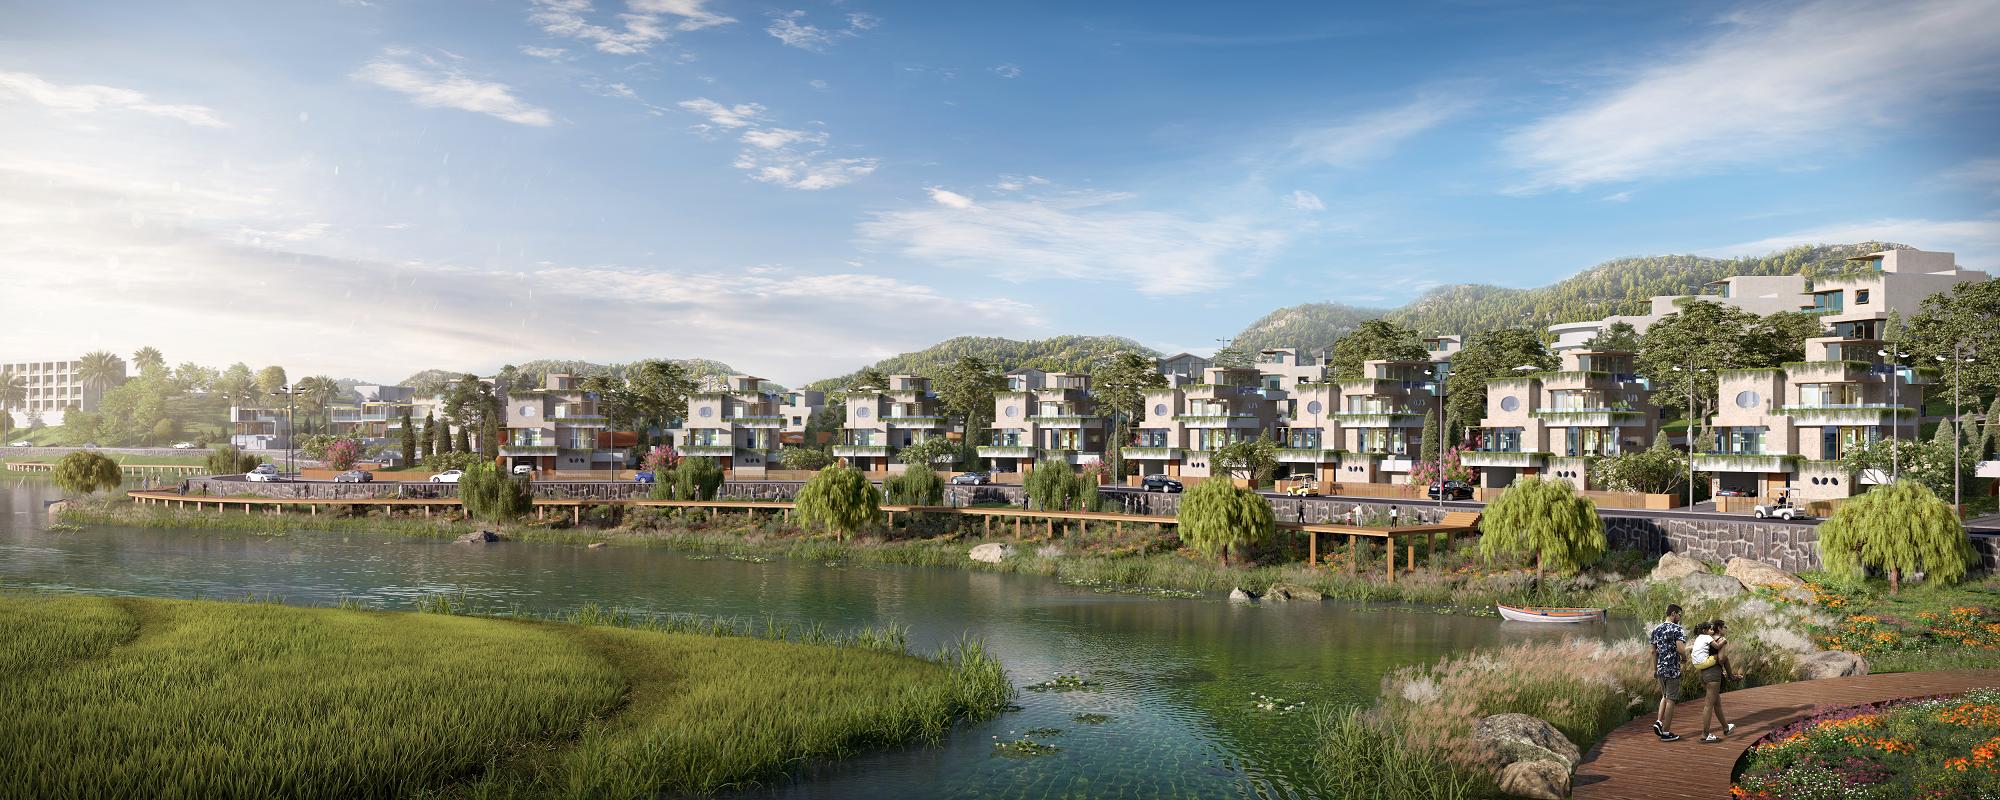 Dãy biệt thự DB8 view sông Thiên Thanh.png